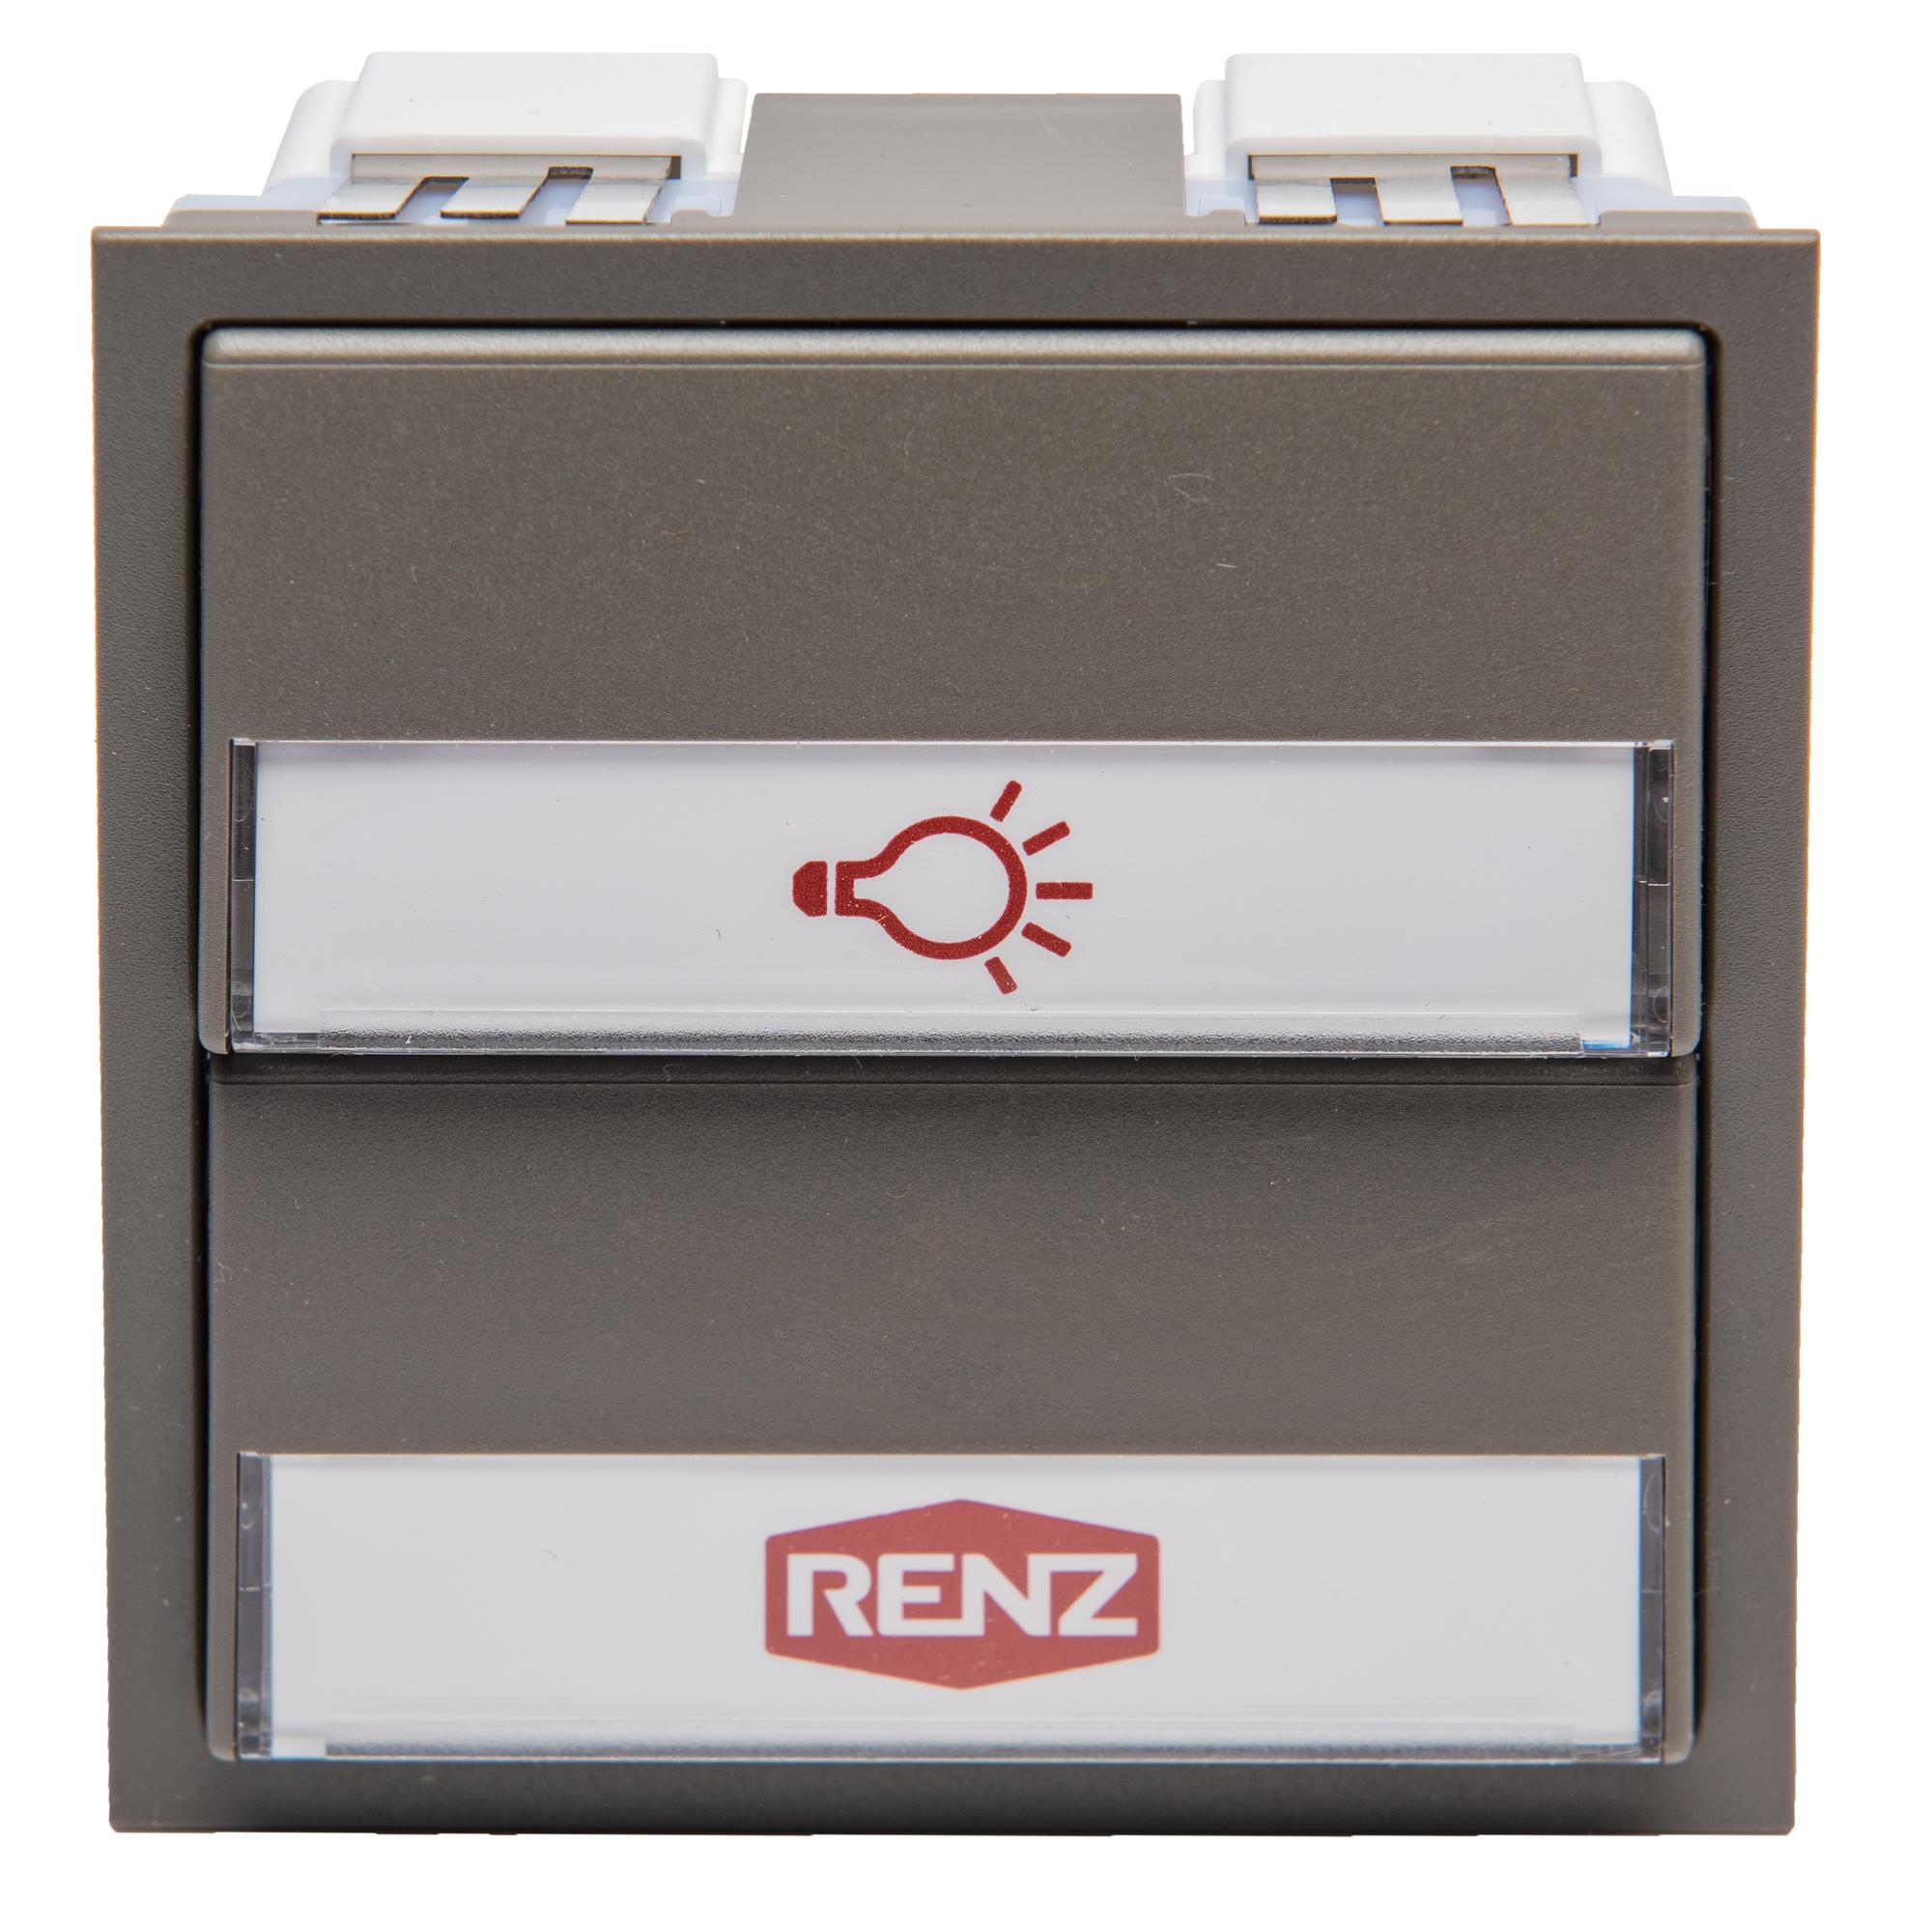 Renz Tastenmodul mit 1 Licht- und 1 Klingeltaster grau